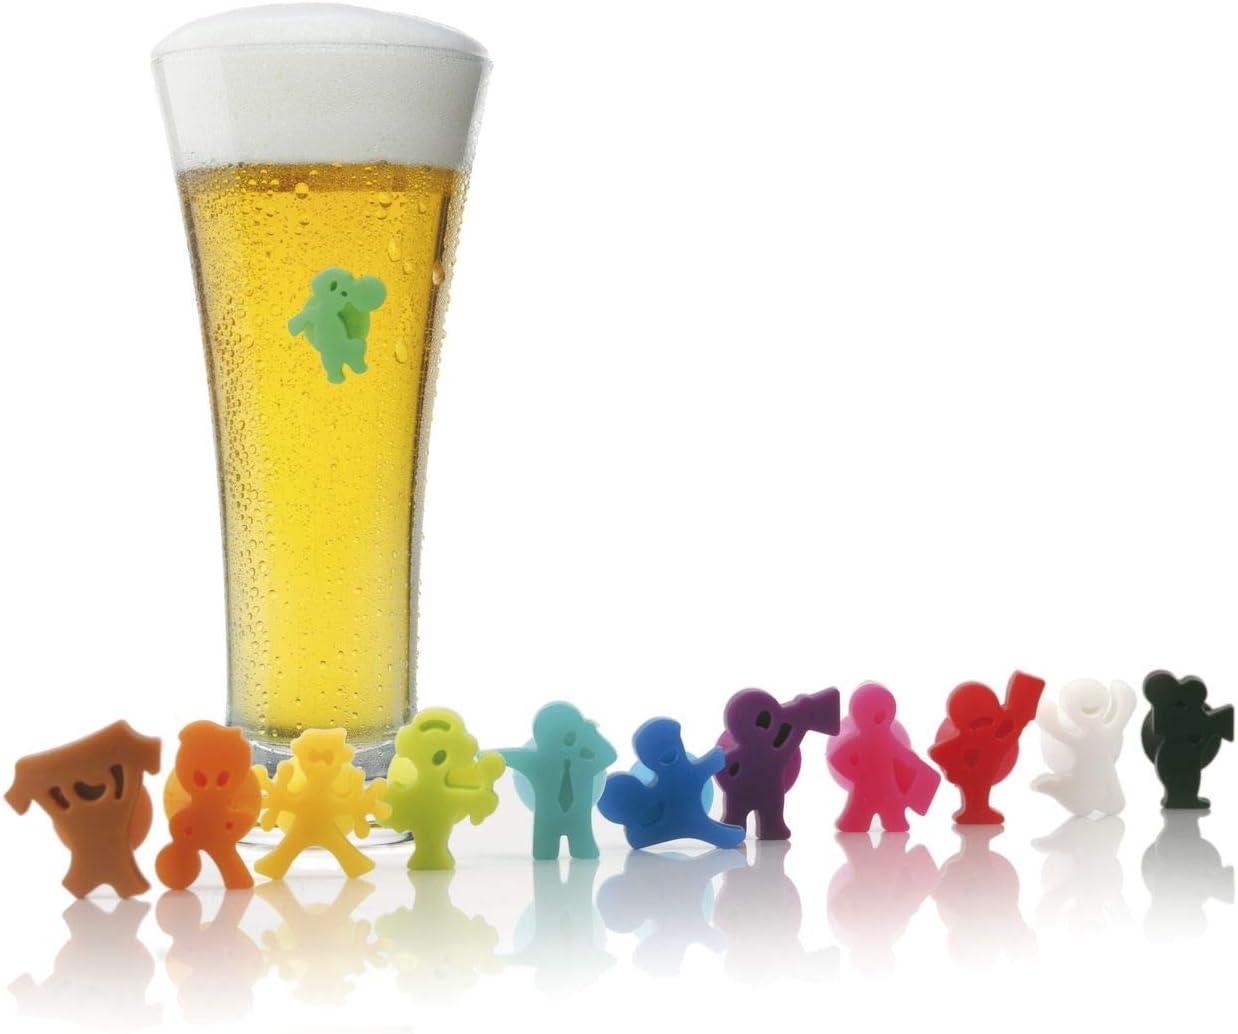 Vacu Vin 1886060-Party People Marcadores de Copas, Silicona, Multicolor, 1.7x7.2x2 cm, 12